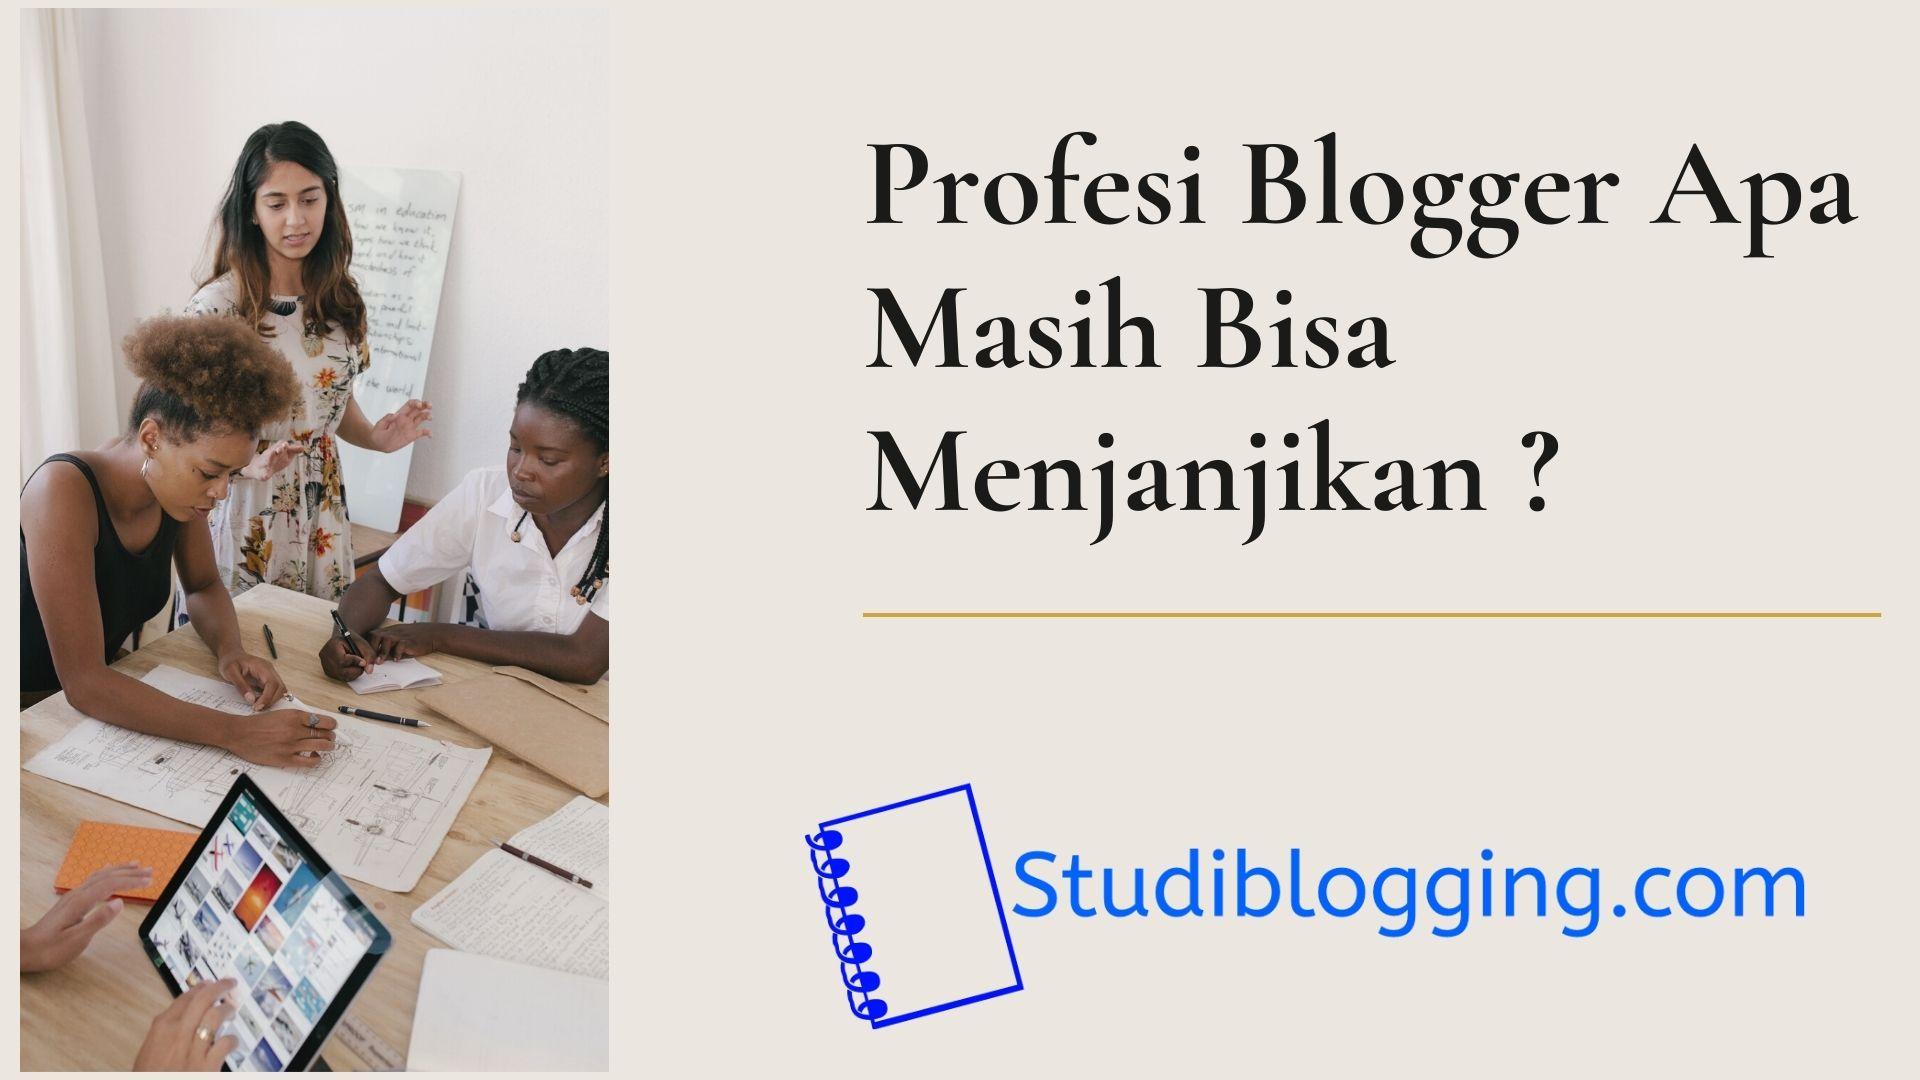 Profesi Blogger Di Jaman Sekarang Ini Apa Masih Bisa Menjanjikan Dalam Segi Penghasilan ?